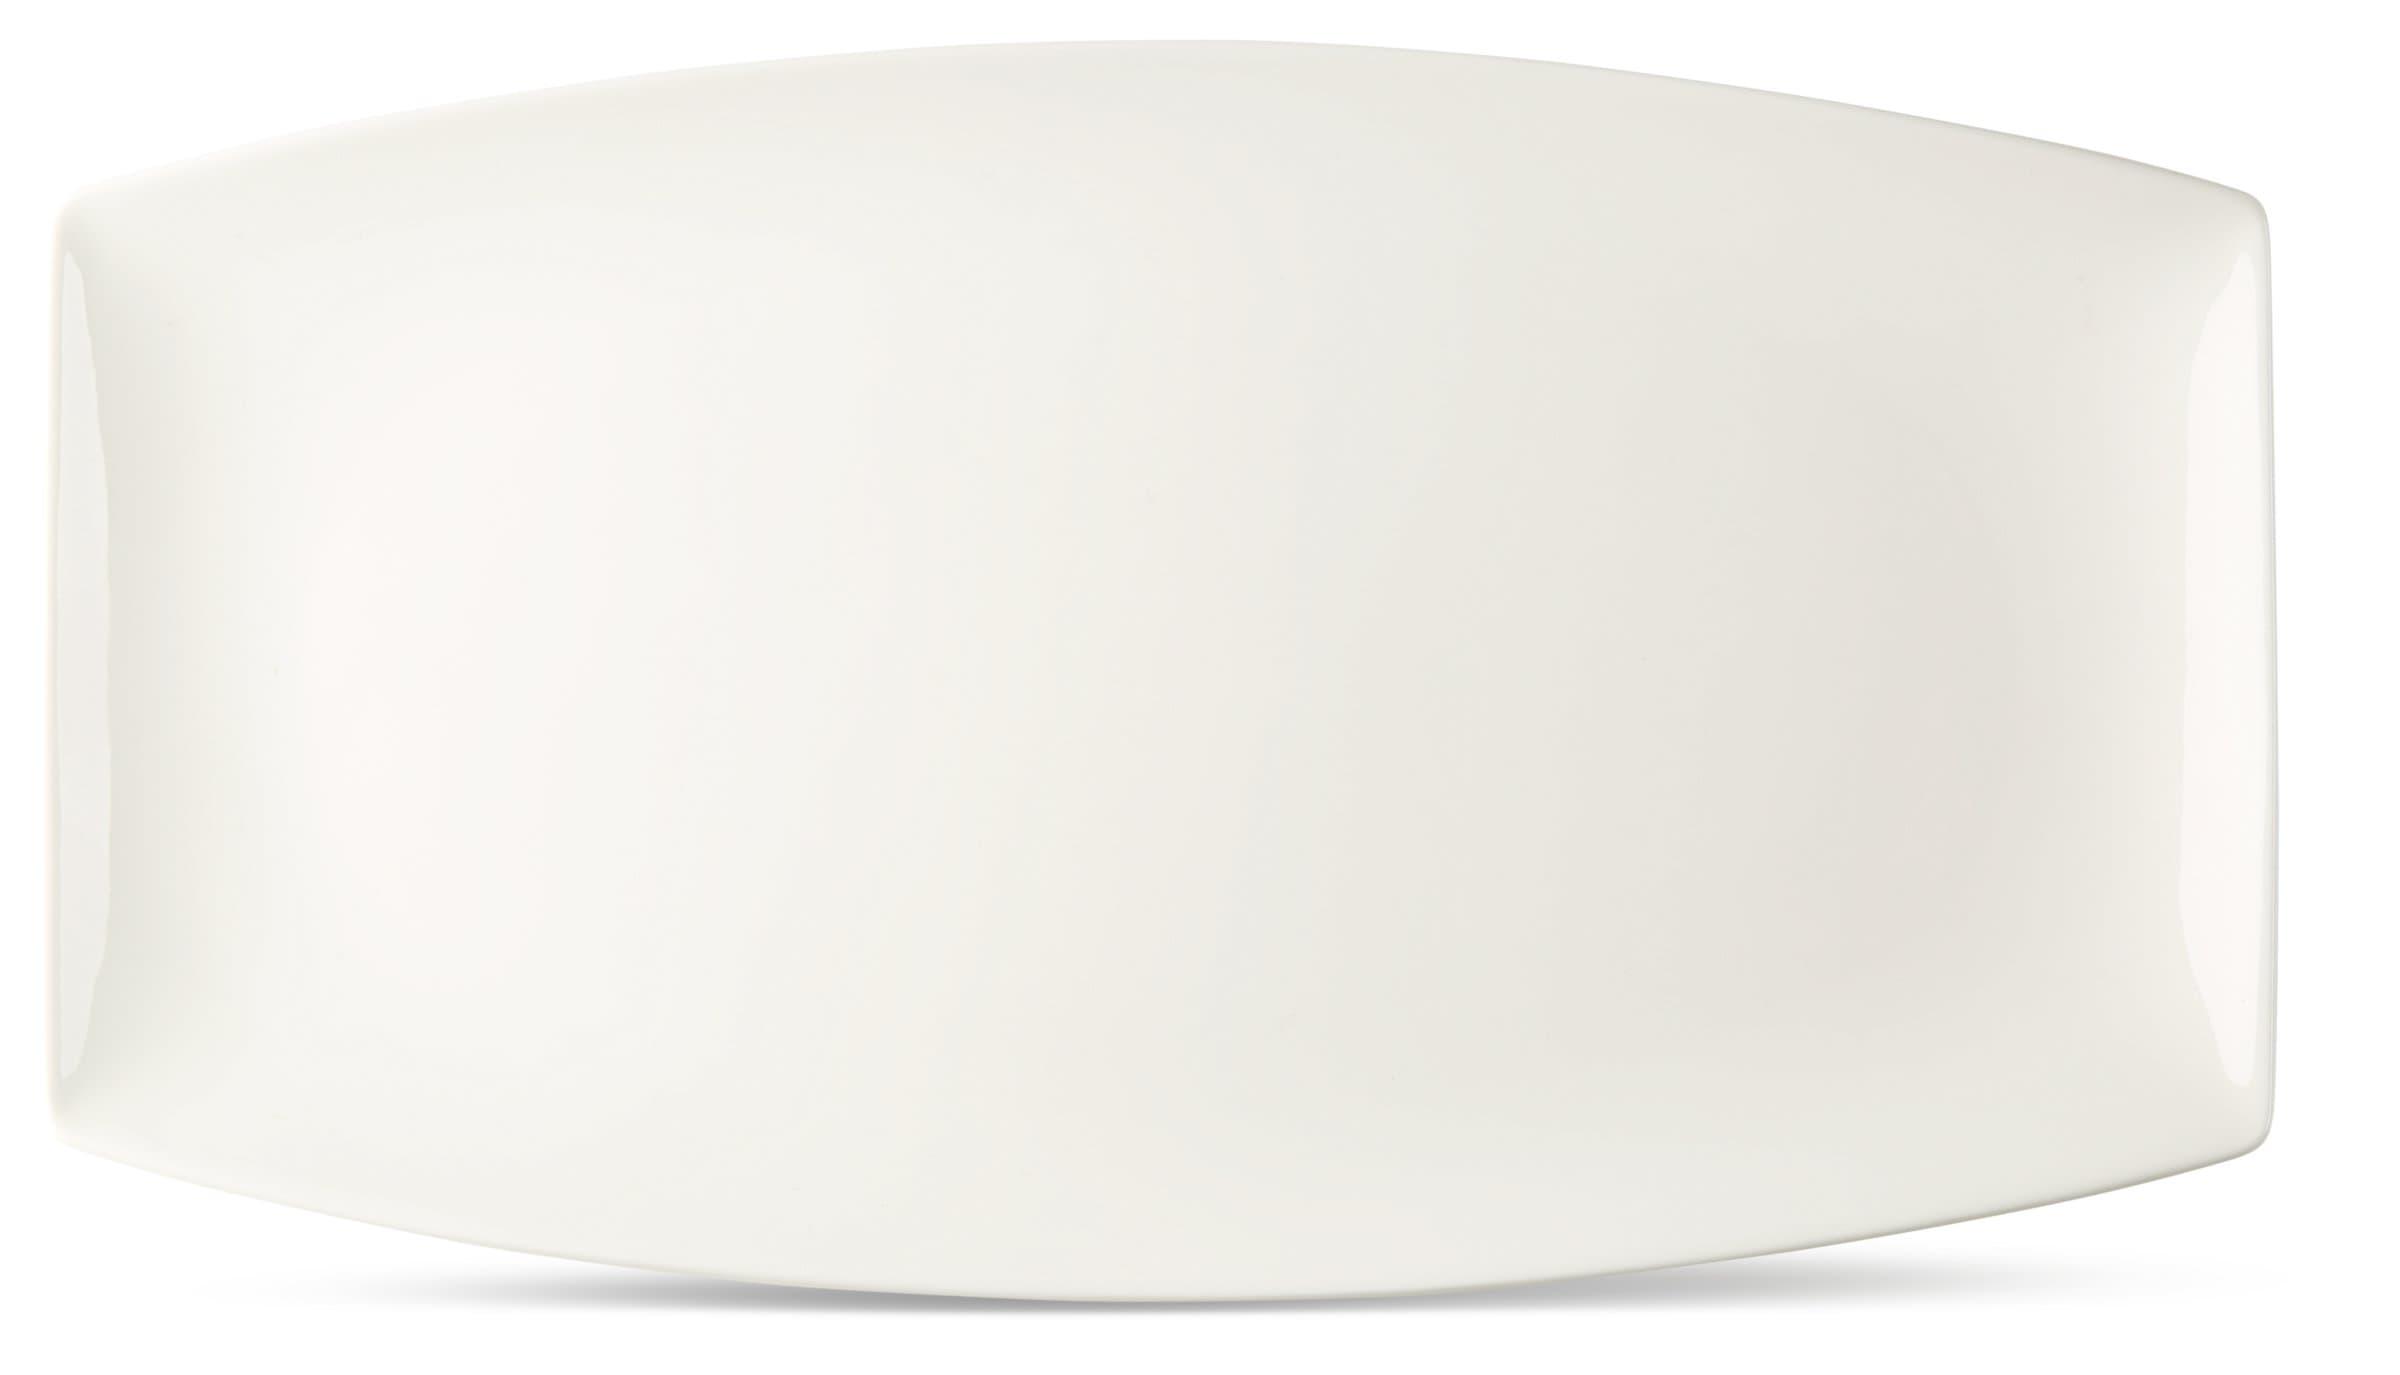 Cucina & Tavola Servierplatte 34x19cm FINE LINE